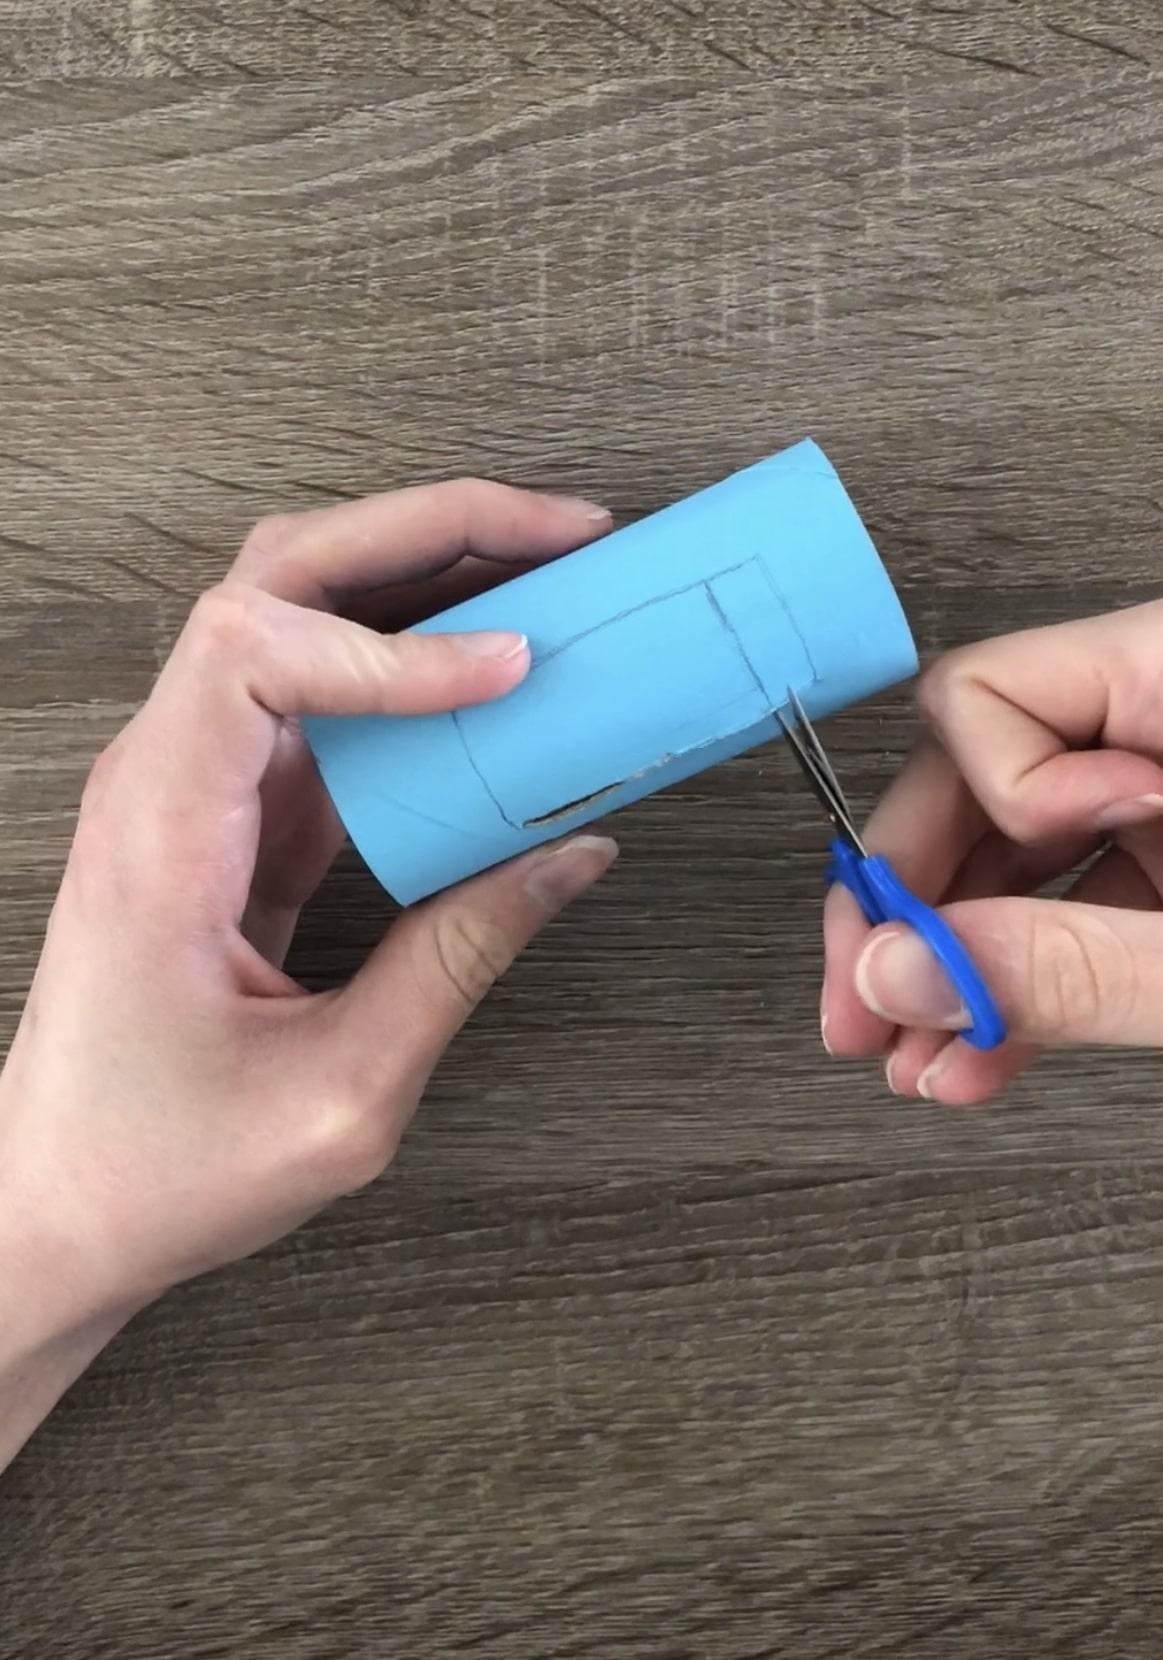 Manualidad de papel higiénico